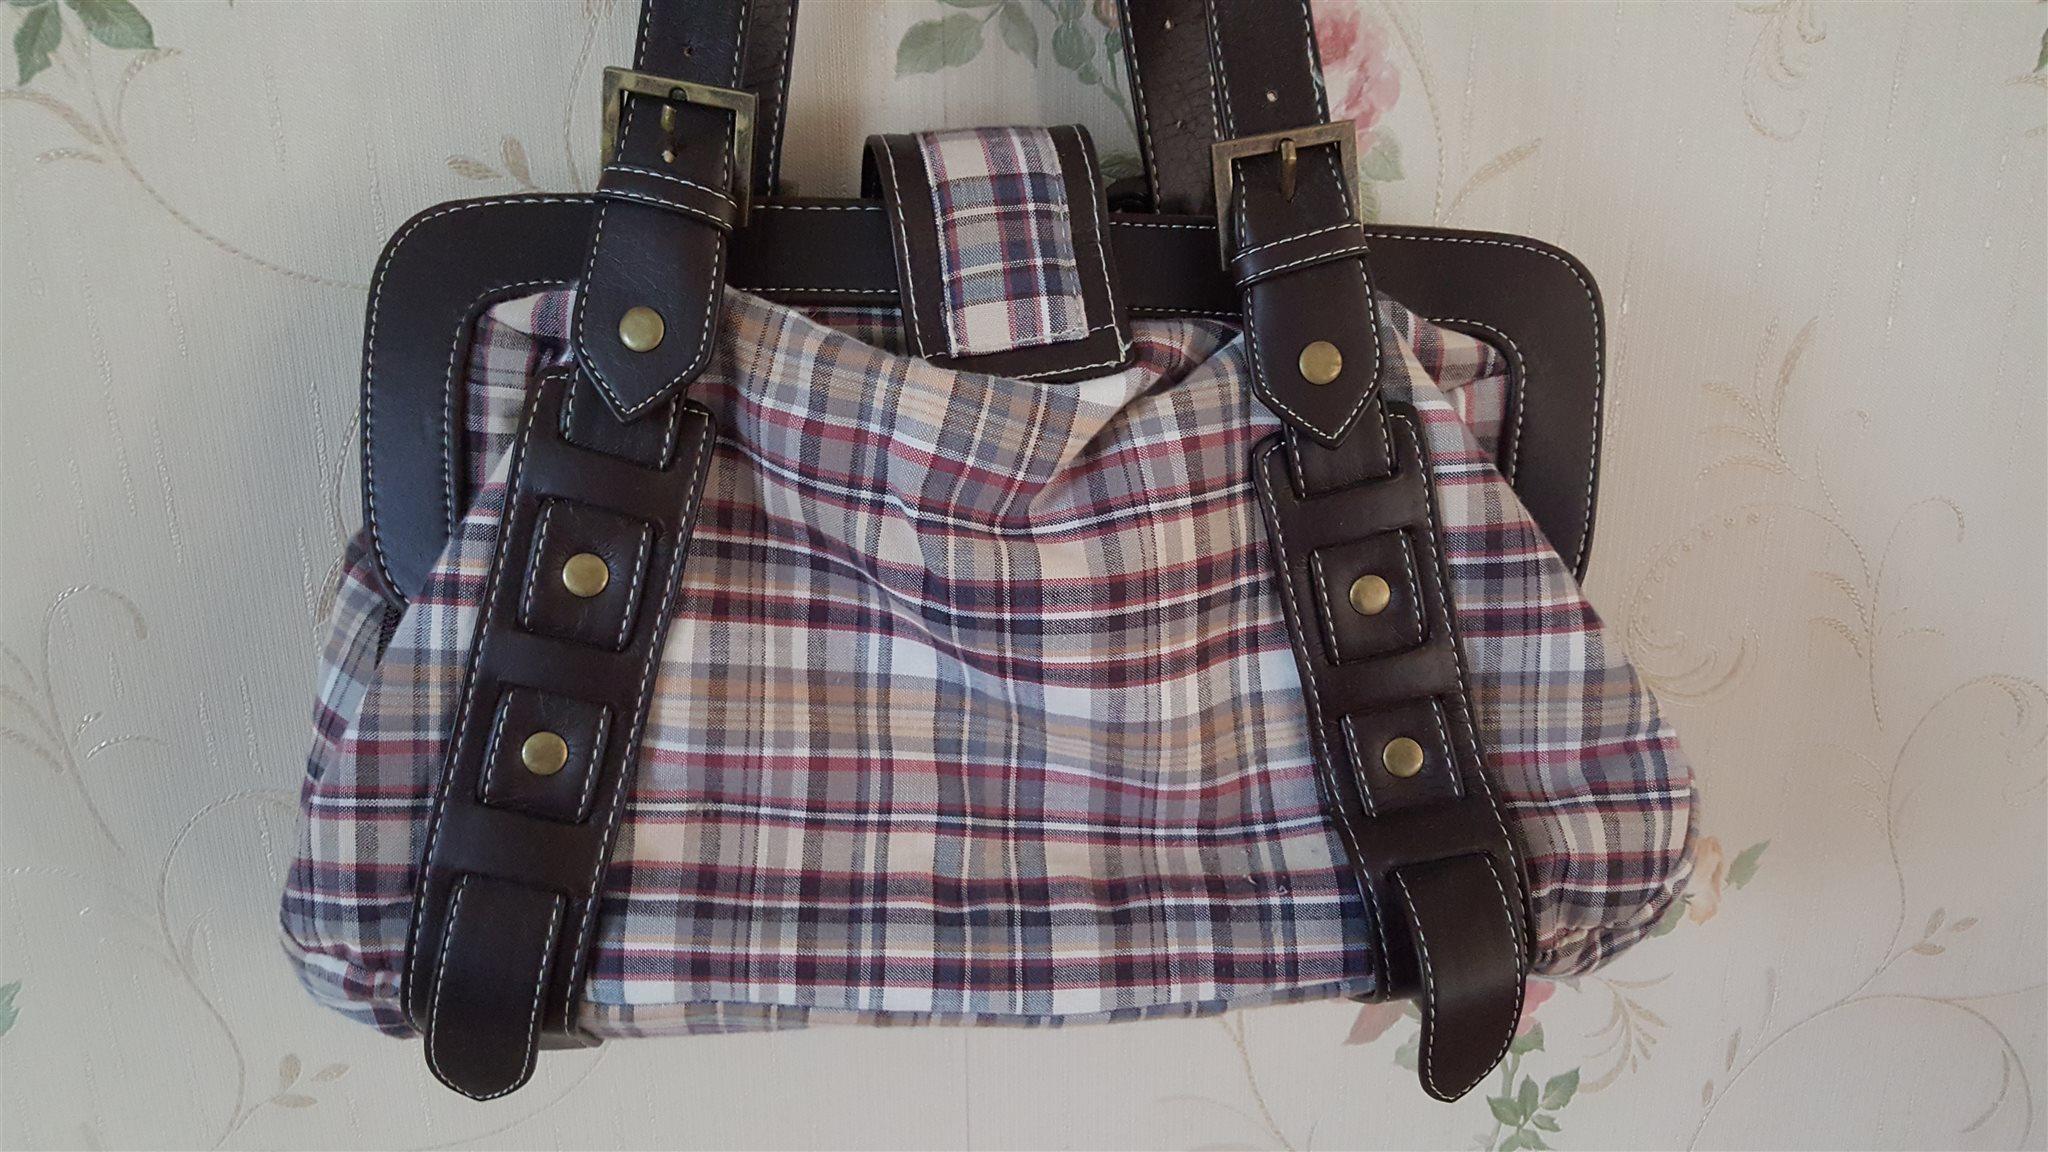 Snygg rutig sommarväska med snygga detaljer. (315180549) ᐈ Köp på ... 82445f8a16d7c